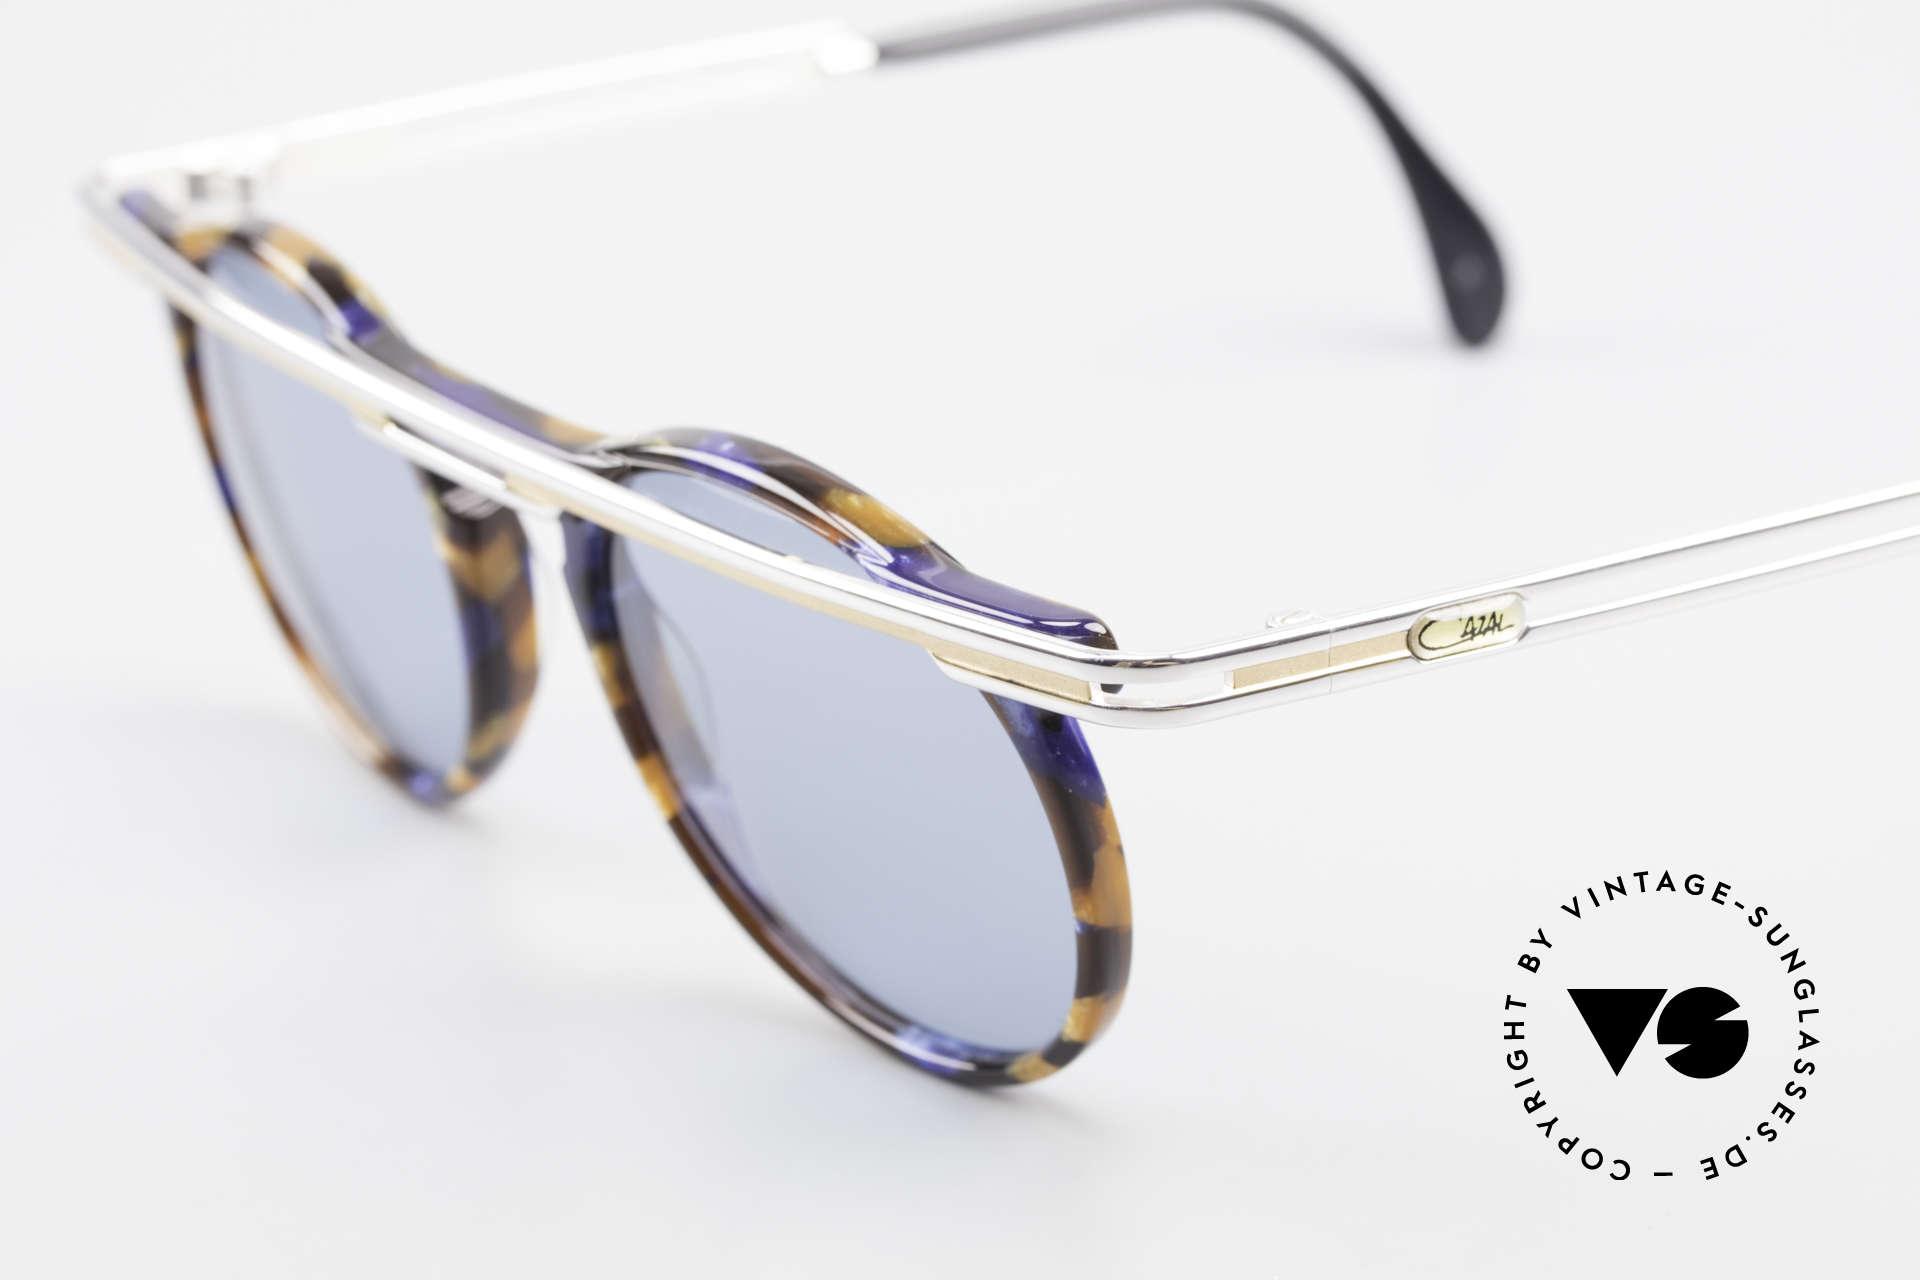 Cazal 648 Alte Cari Zalloni 90er Brille, ein echtes Meisterstück (kostbar und einzigartig), Passend für Herren und Damen